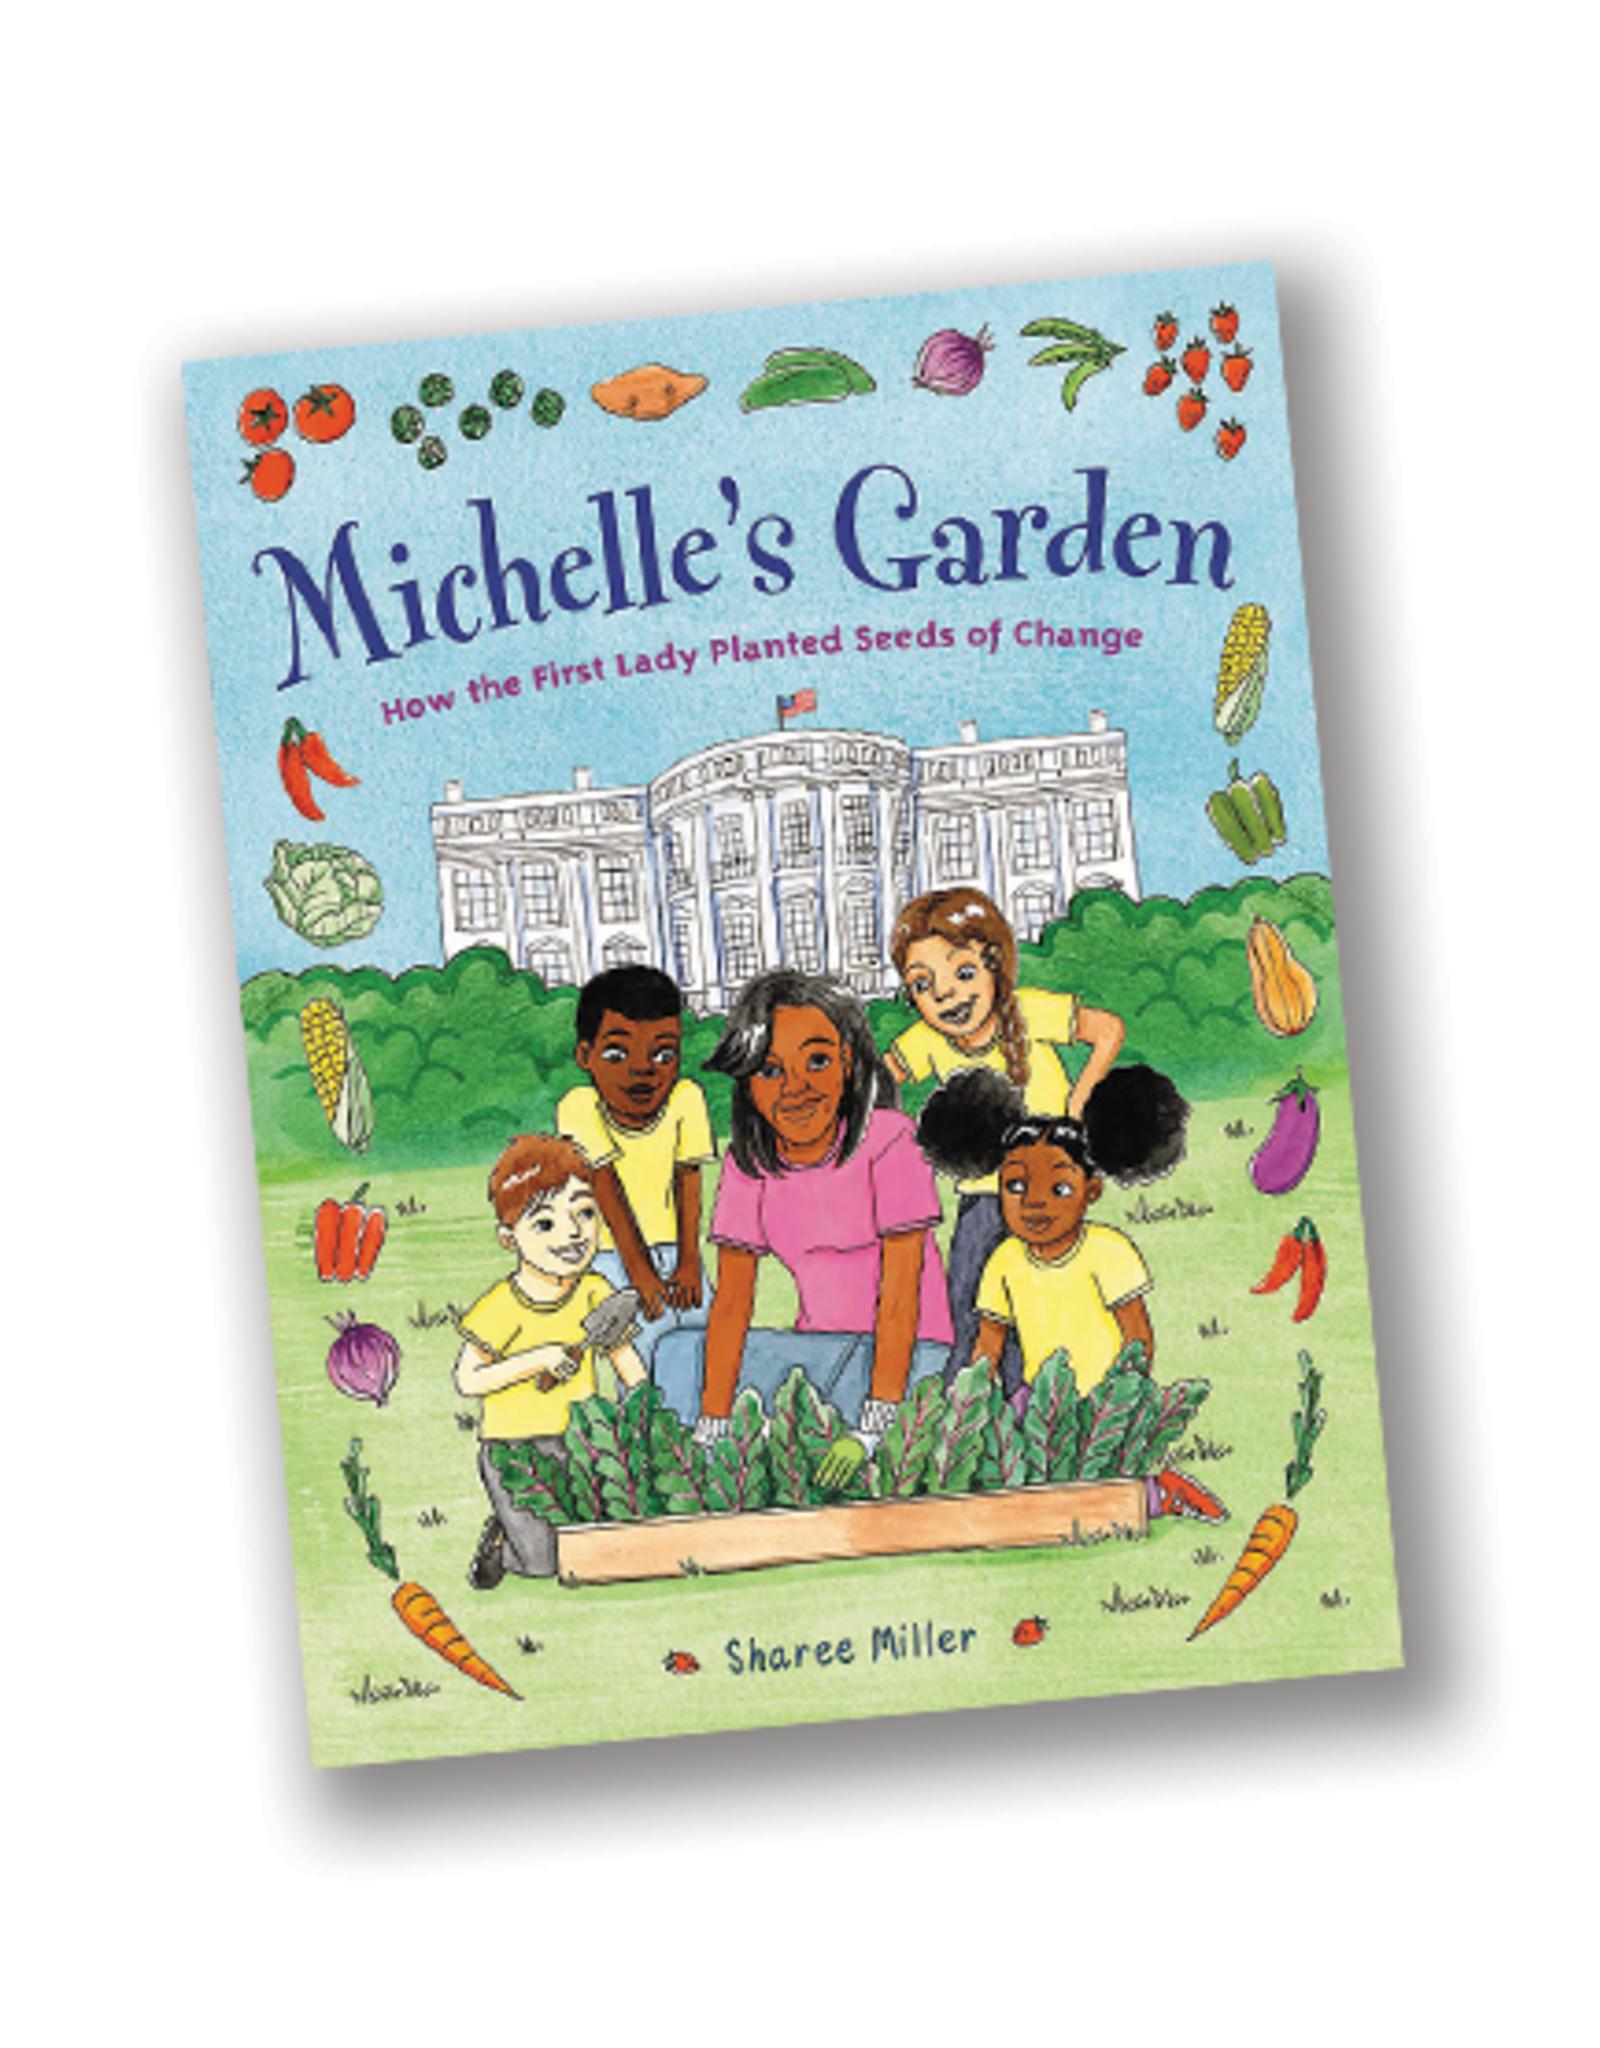 Michelle's Garden